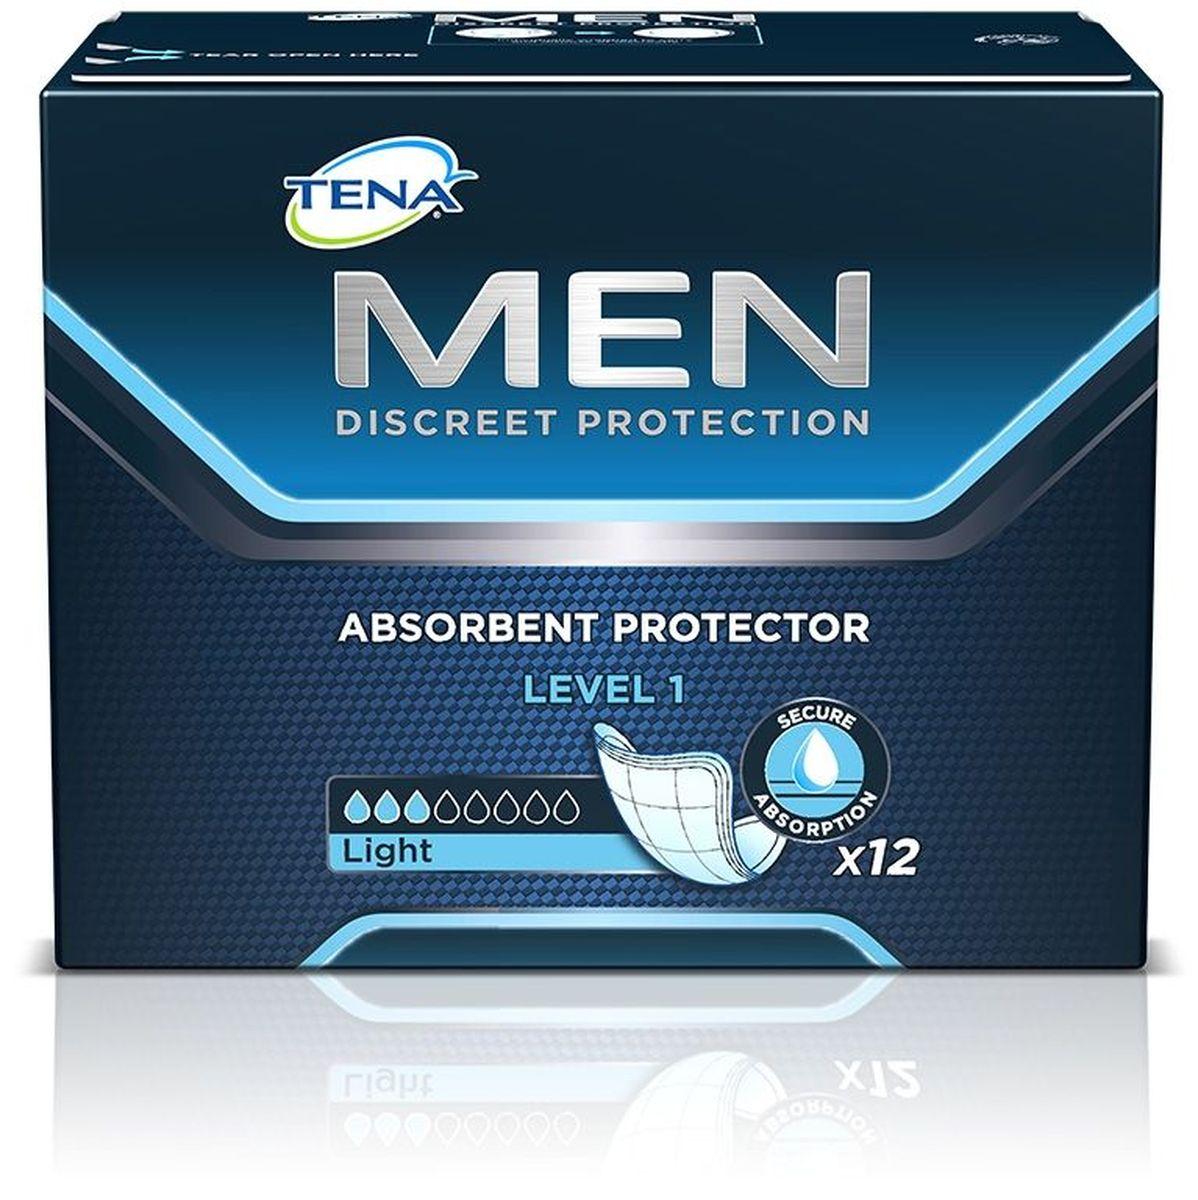 Tena Прокладки урологические для мужчин Men 1 12 шт01.00.15.750661Tena Прокладки для мужчин Men уровень 1, 12 шт.